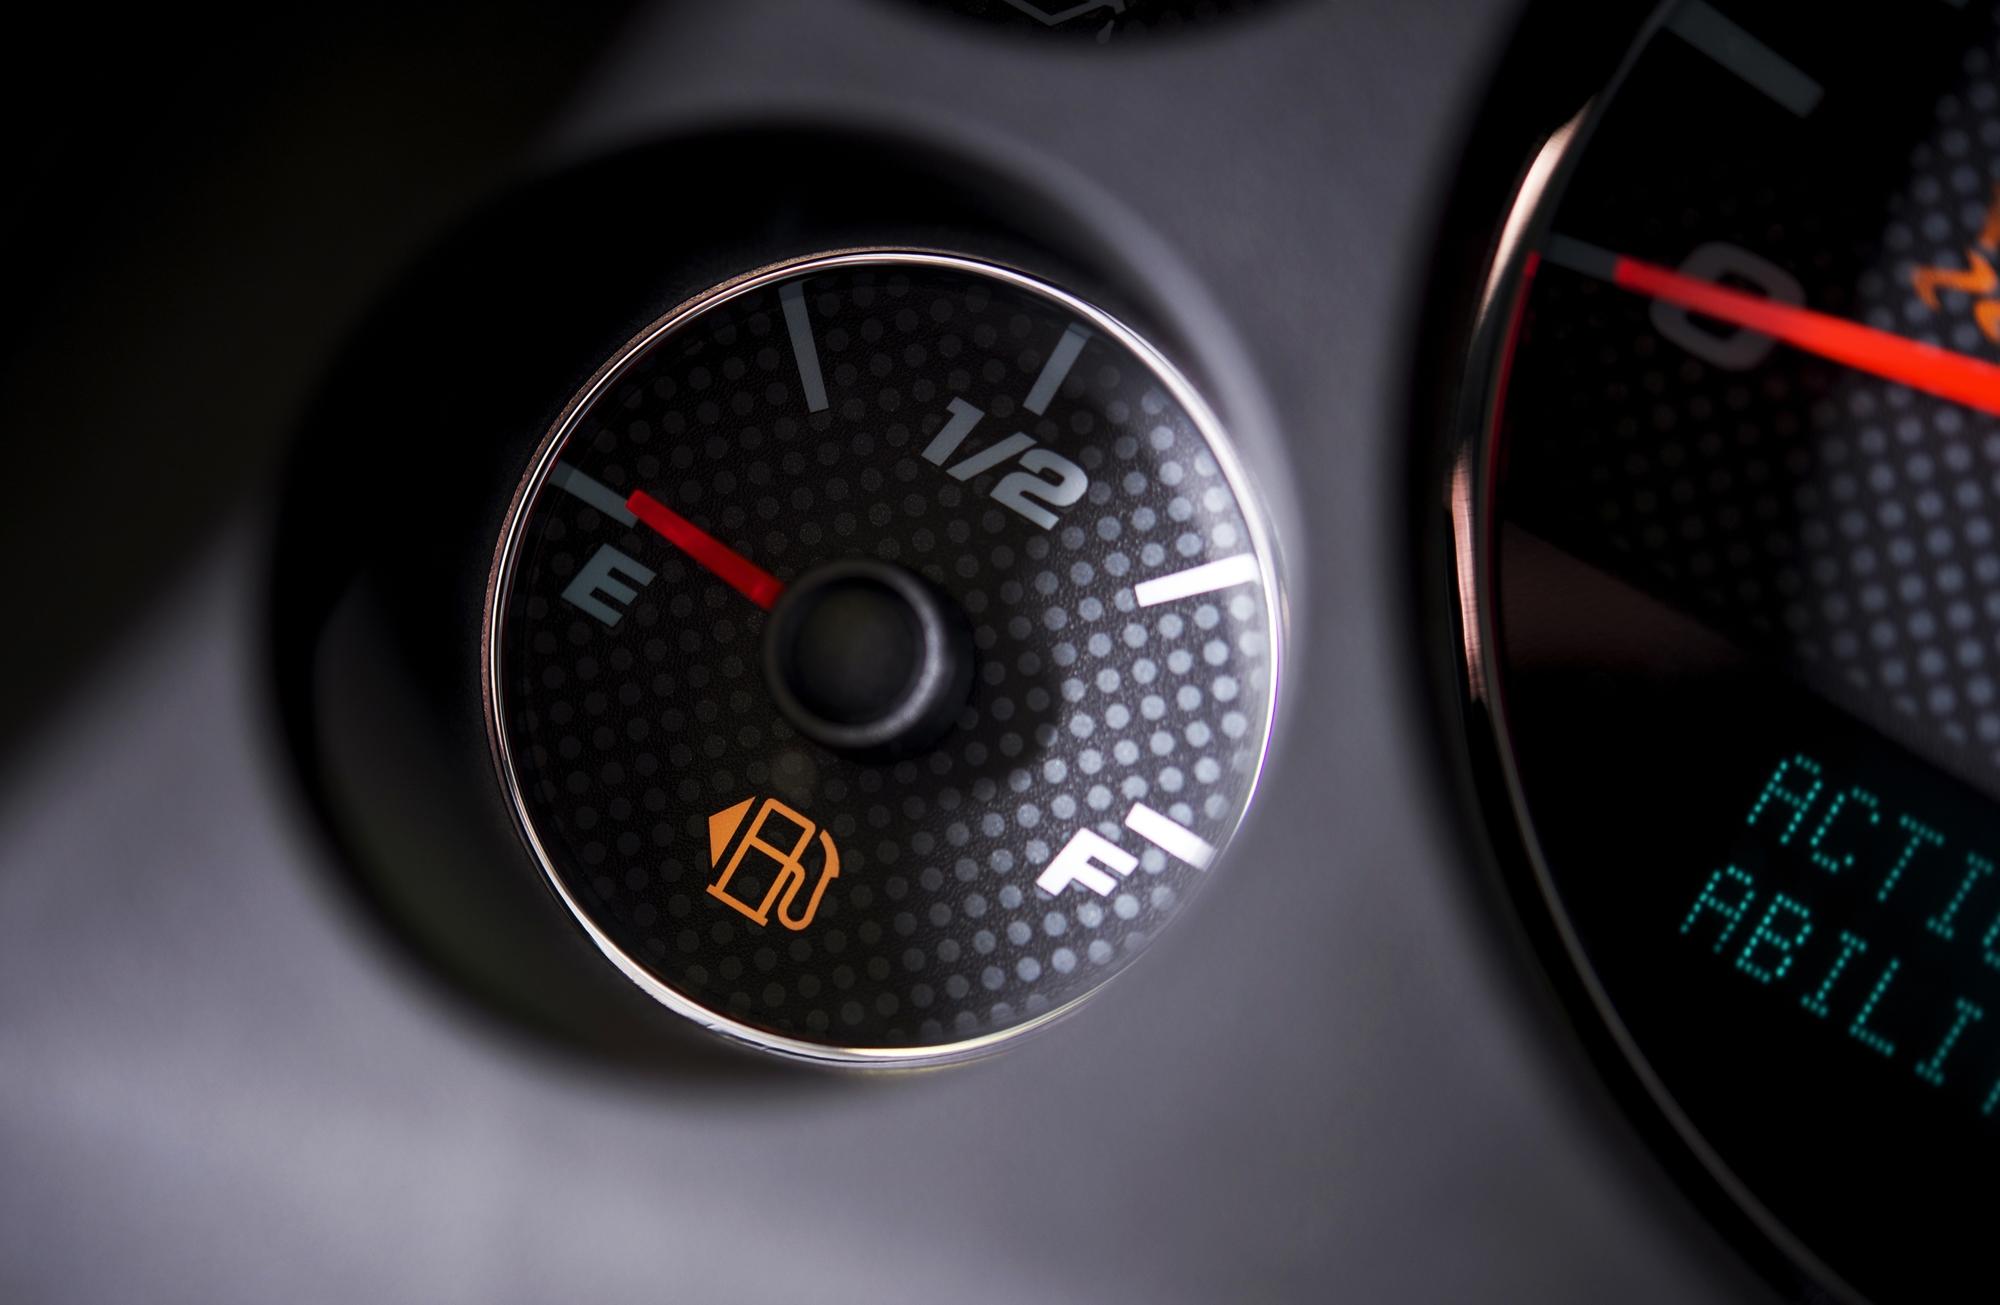 Mitos e verdades: o que não funciona para economizar combustível?